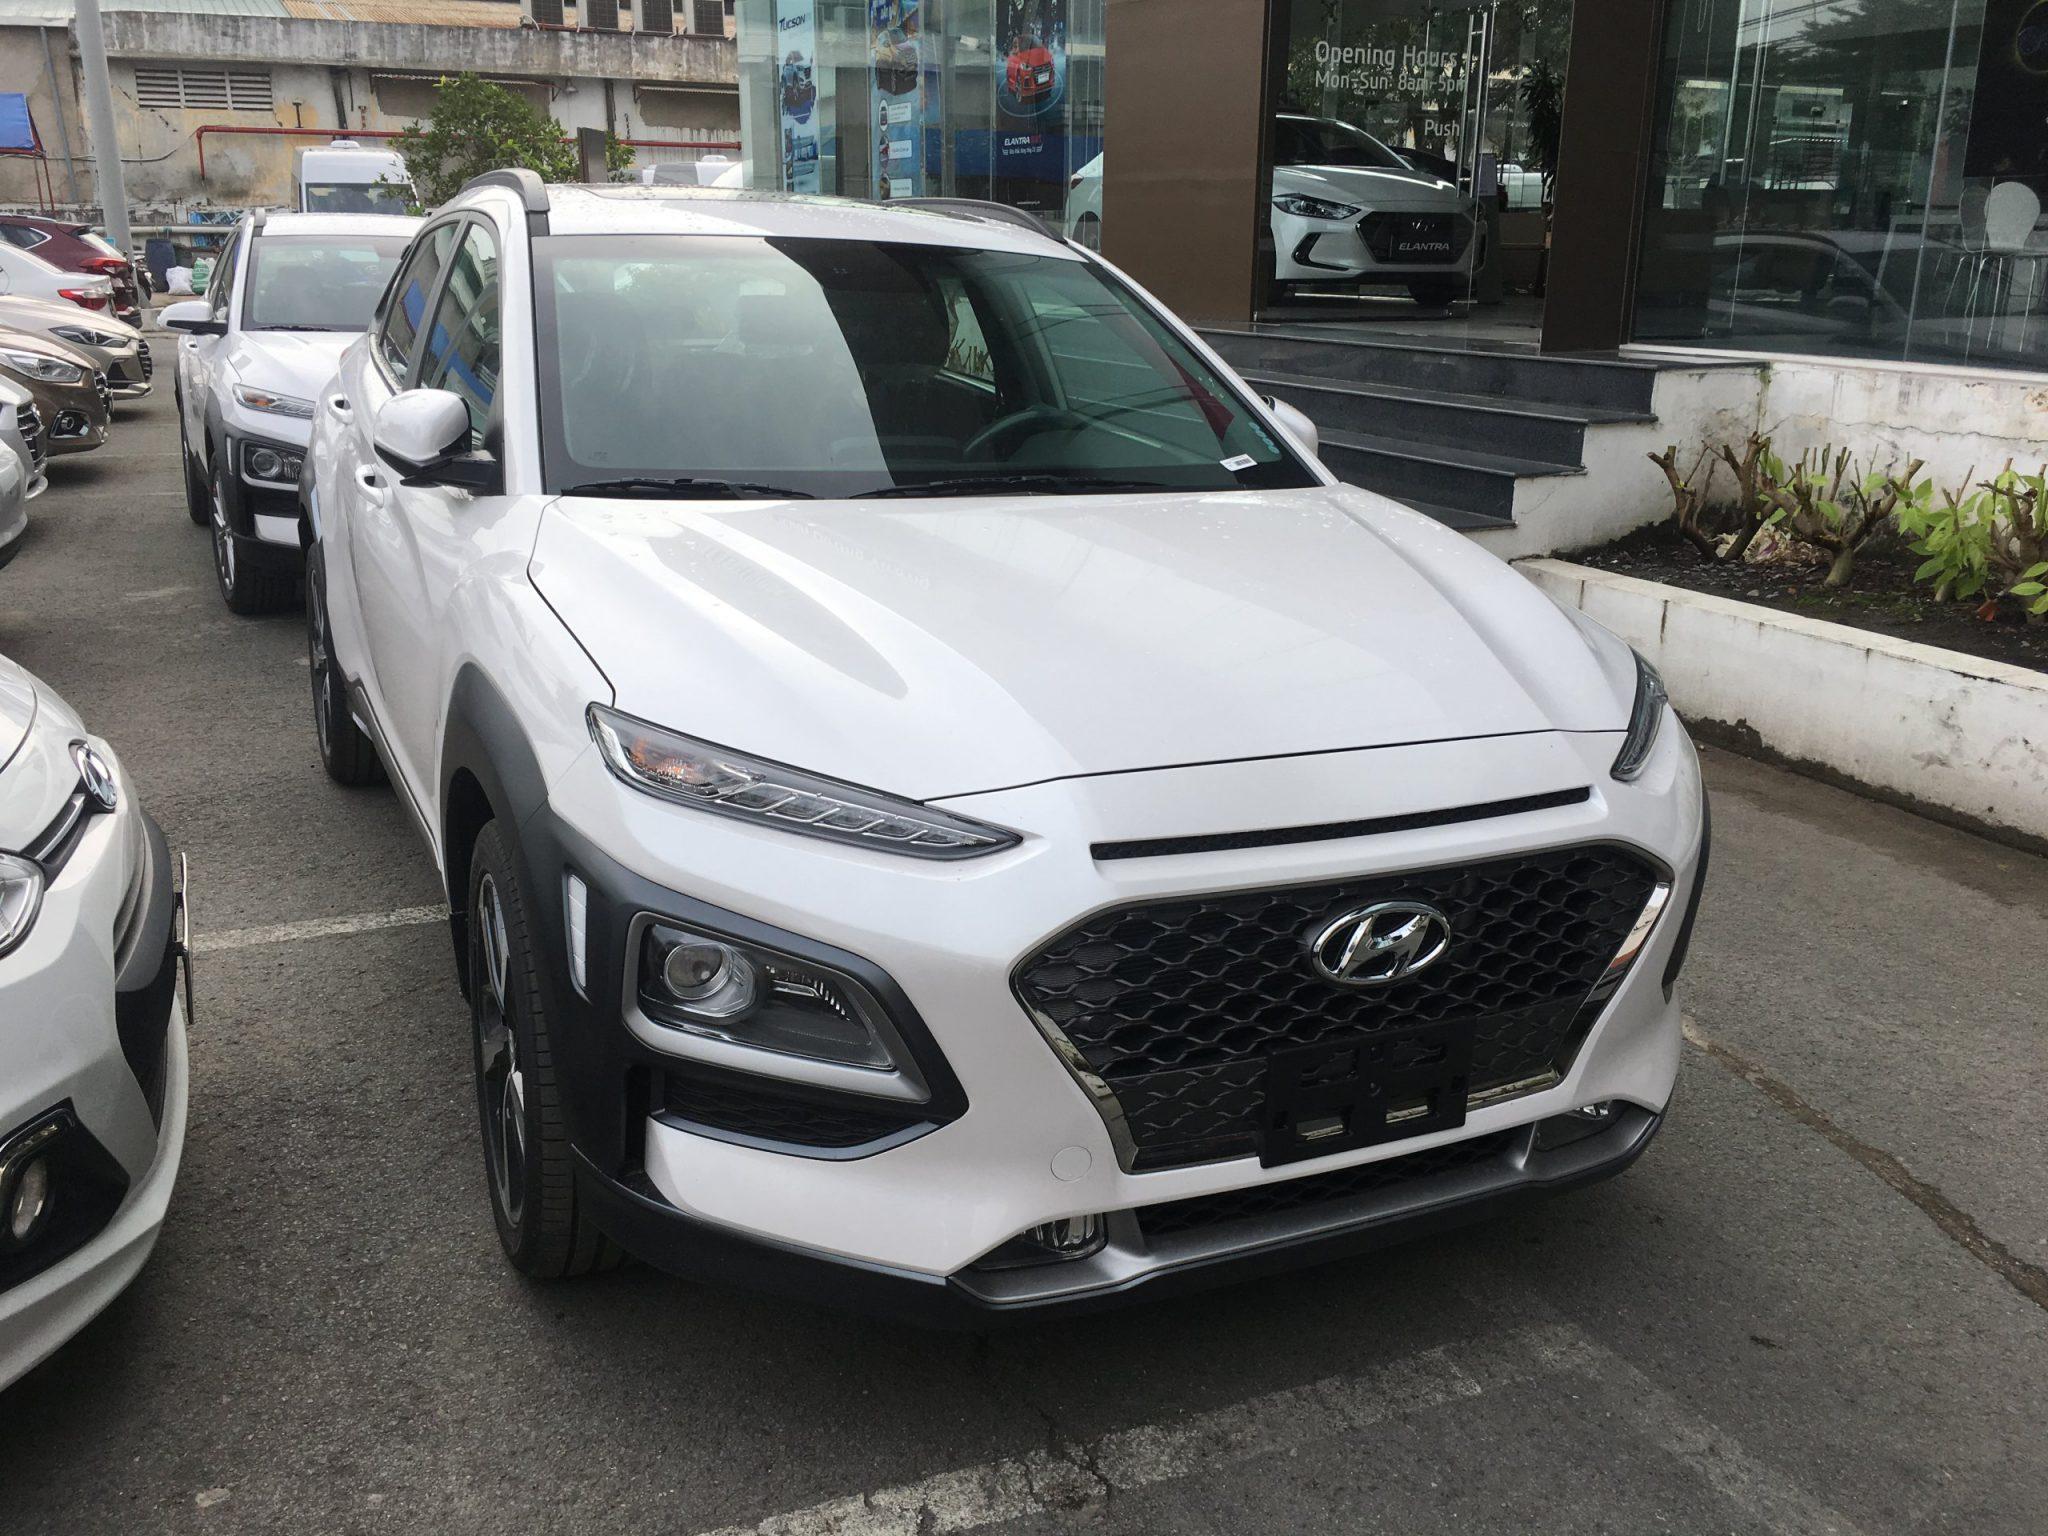 Mau xe Hyunda Kona 2019 anh 6 - Hyundai Kona mới: giá xe và khuyến mãi tháng [hienthithang]/[hienthinam]